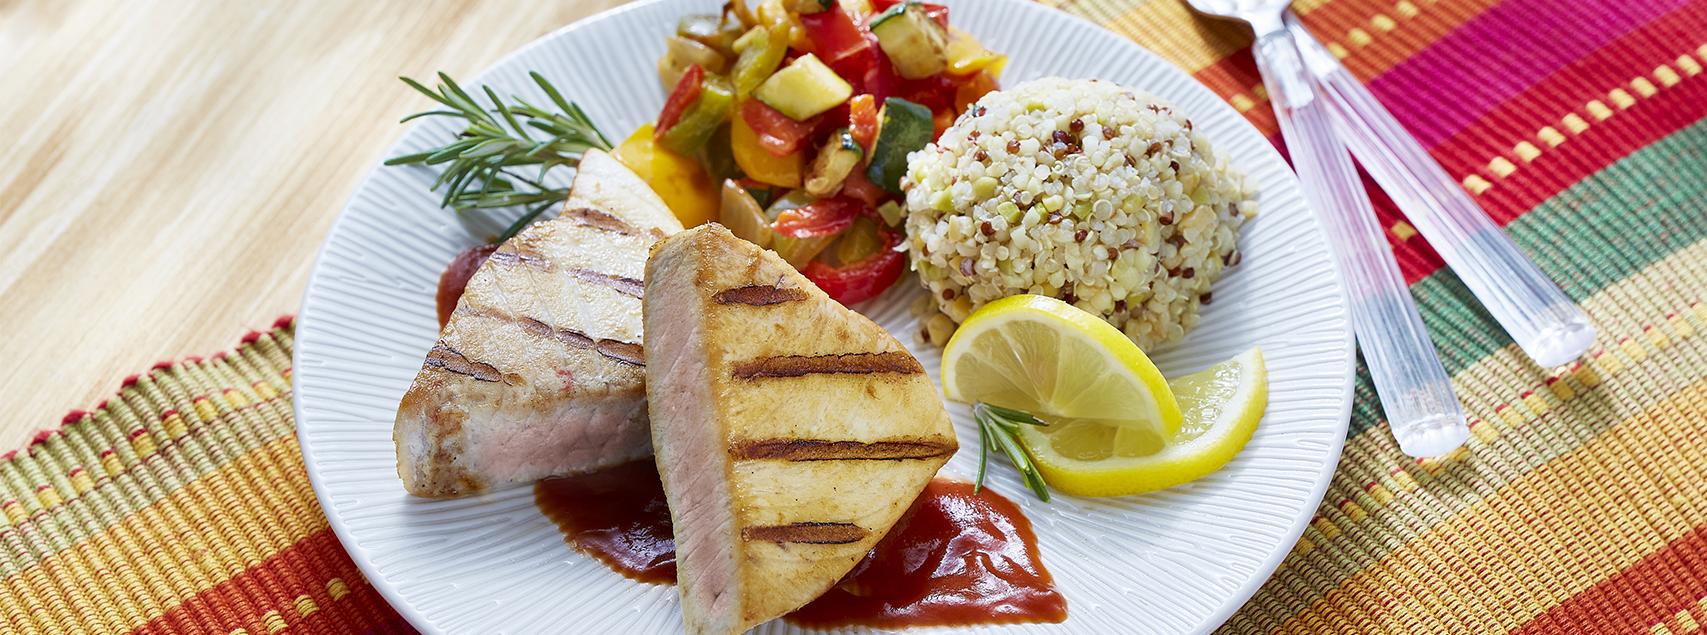 Gegrillter Thunfisch mit Ratatouille und Quinoa